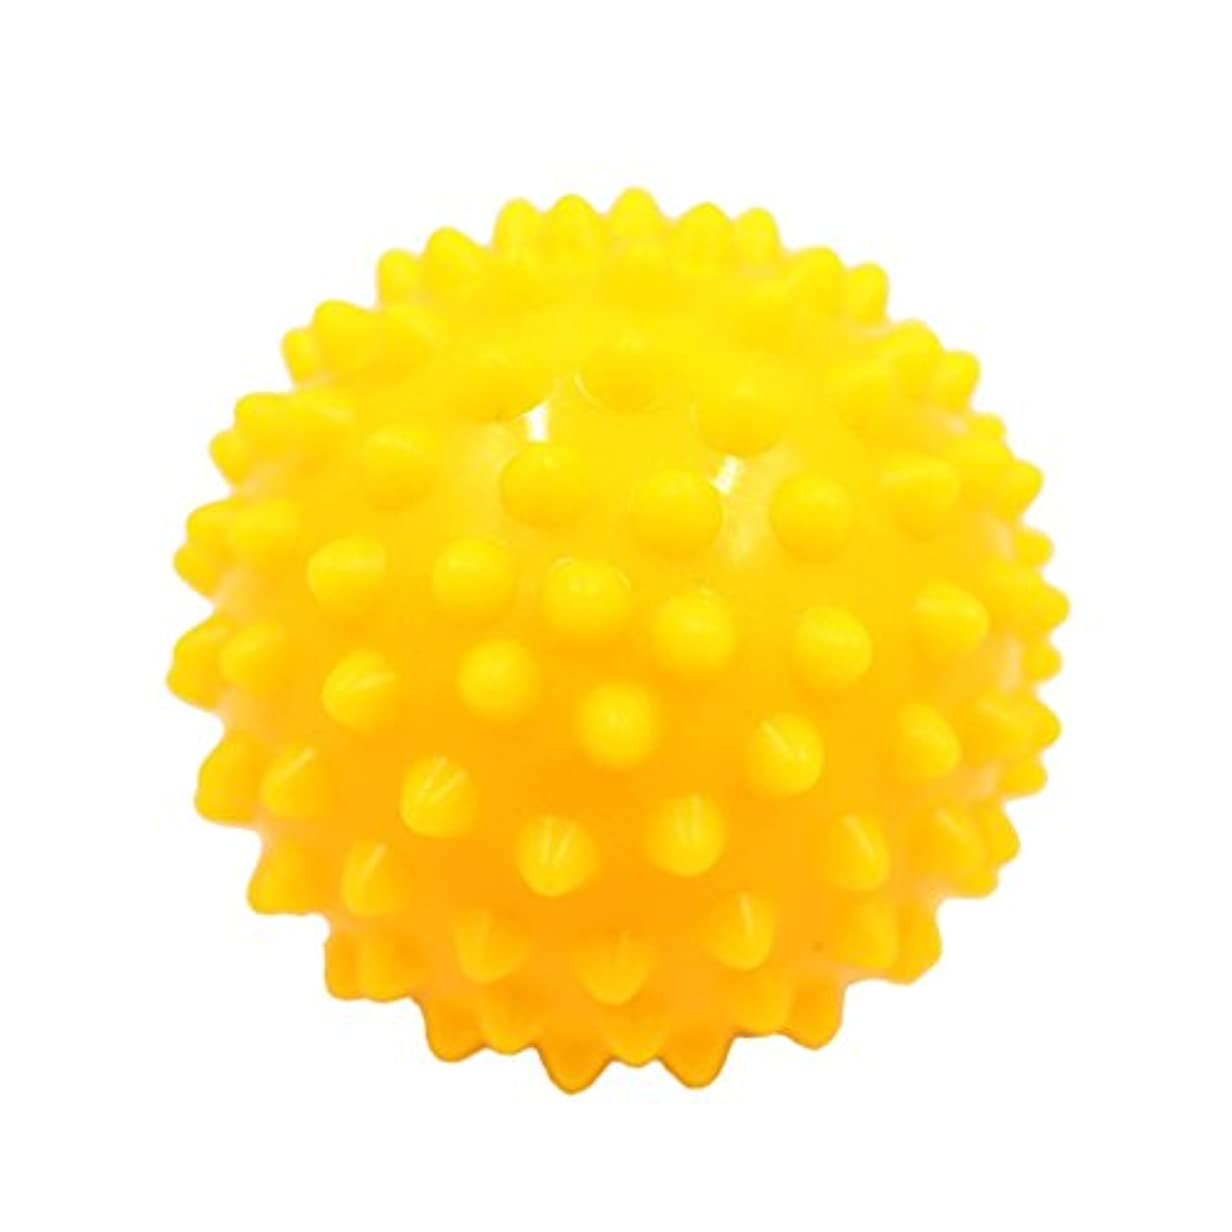 不快告白する溶かすマッサージボール マッサージ器 ボディ スパイク マッサージ 刺激ボール 3色選べ - 黄, 説明したように